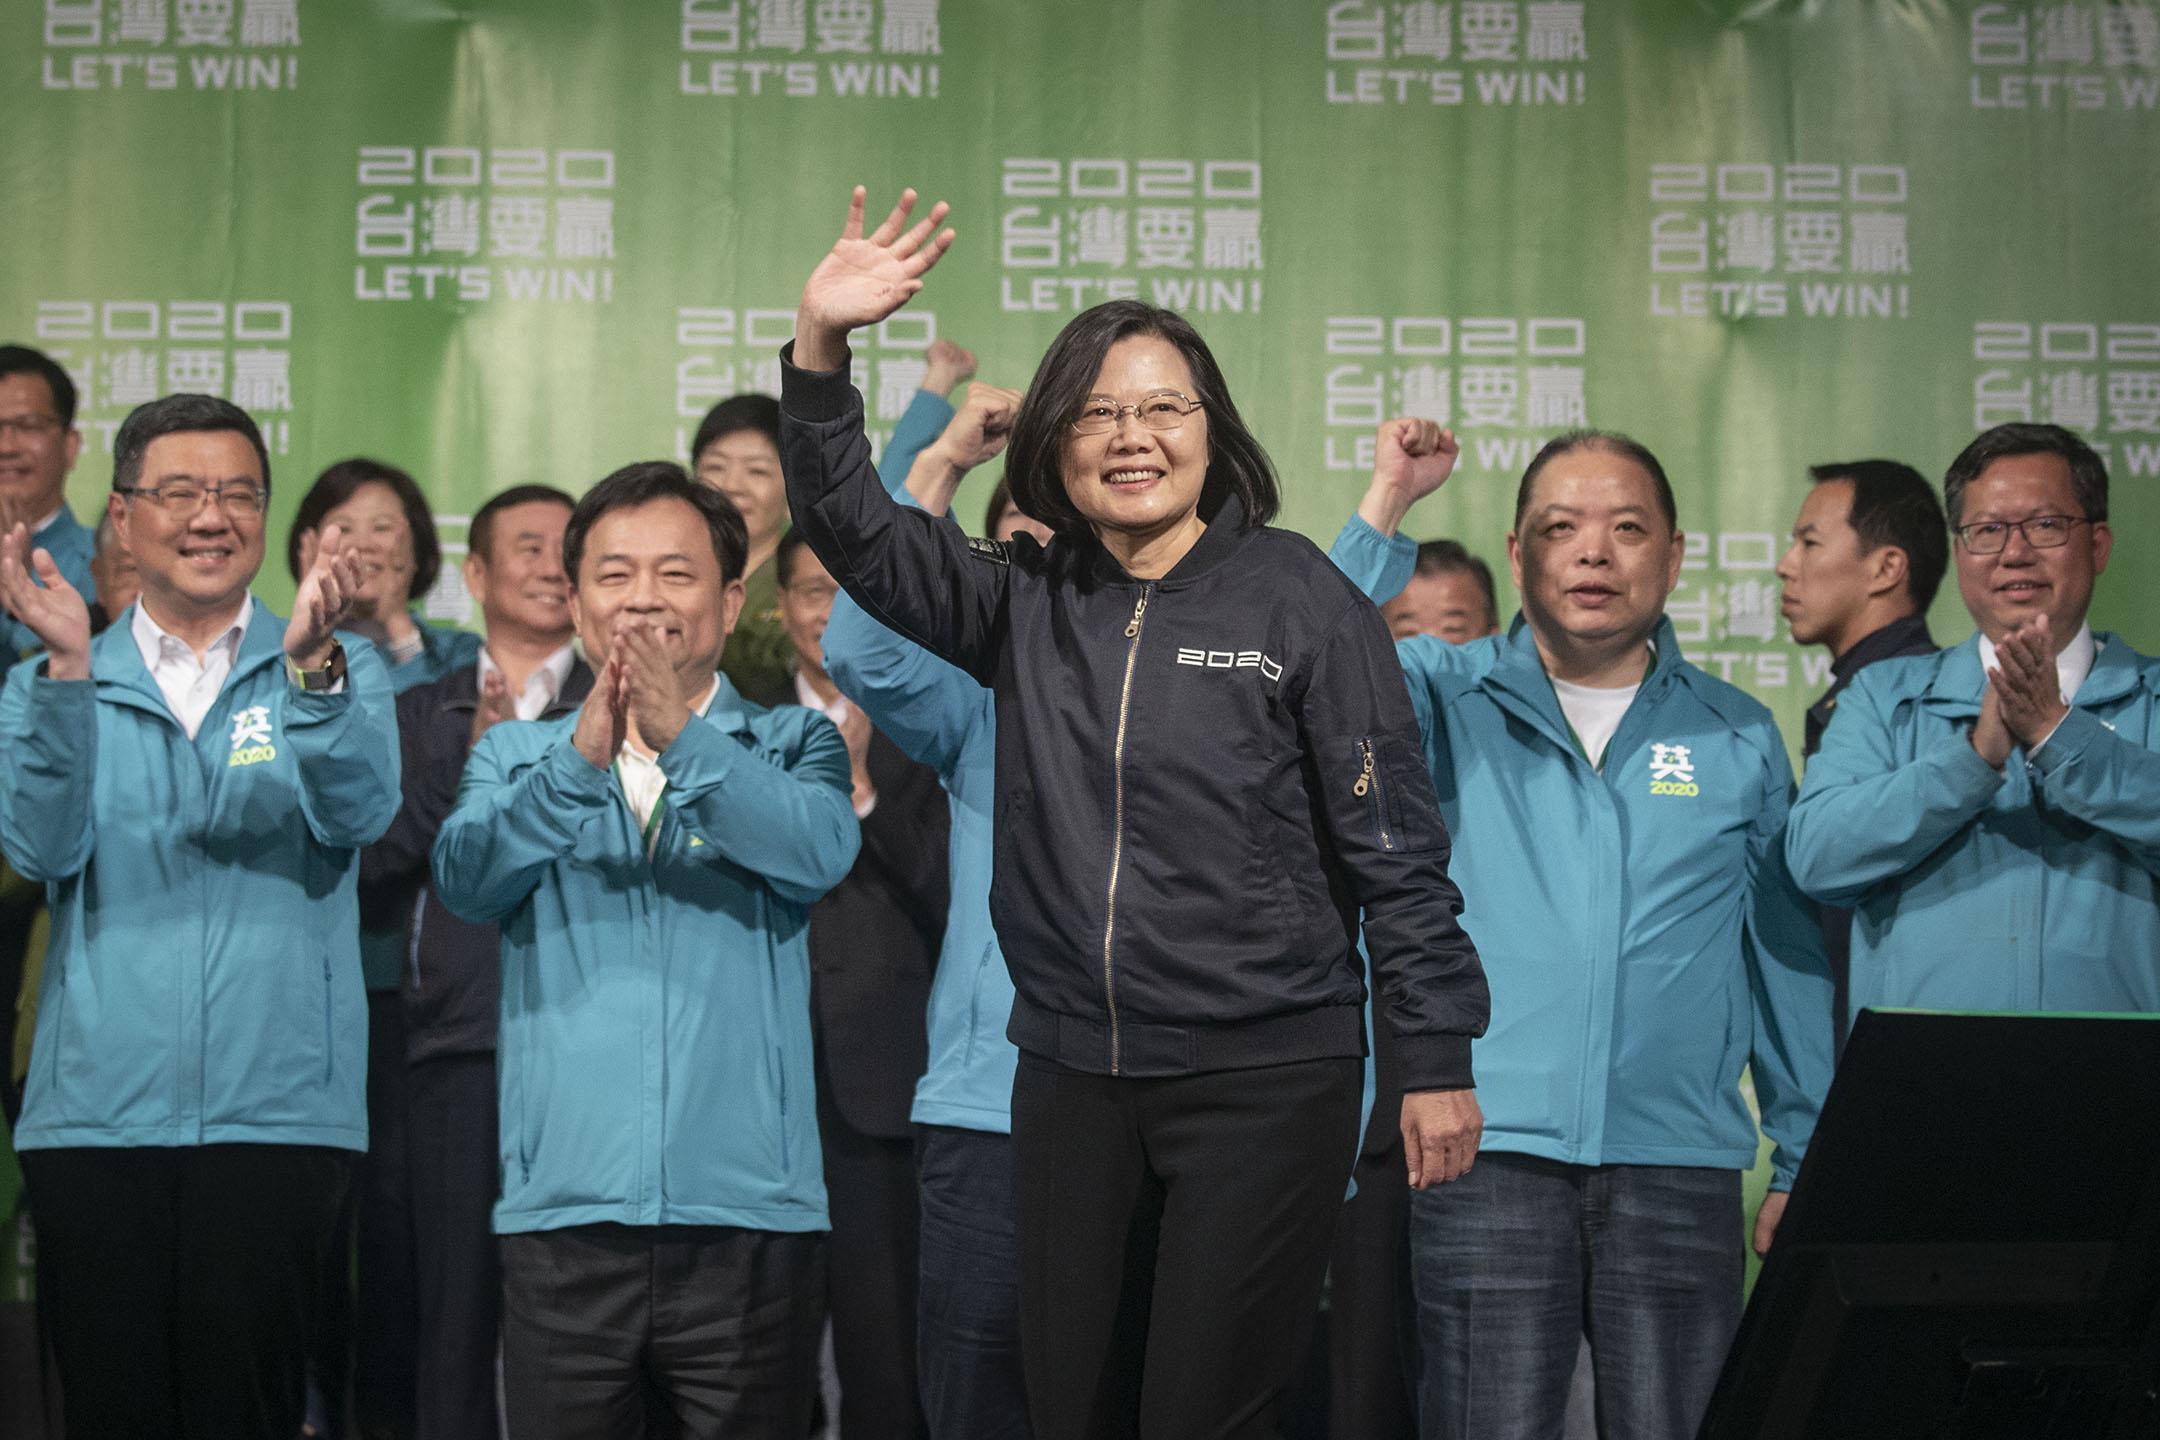 2020年1月11日,蔡英文在民進黨部召開國際記者會,自行宣布當選。 攝:陳焯煇/端傳媒